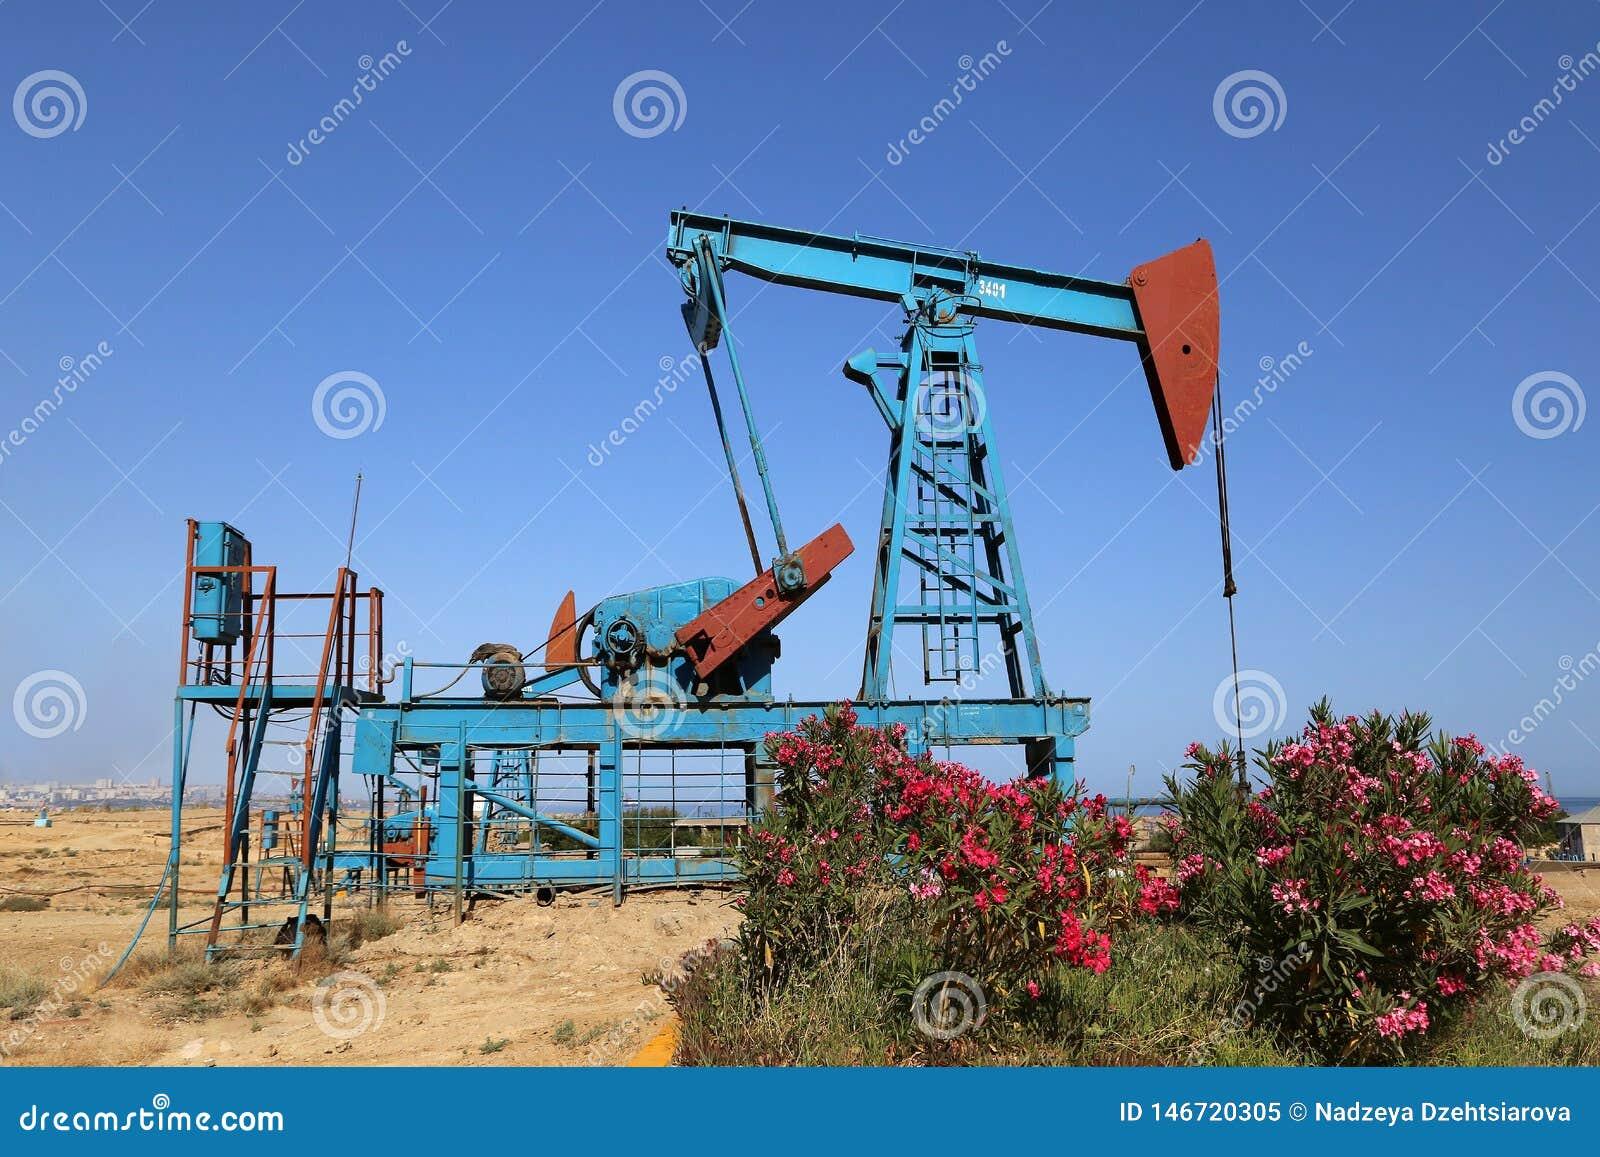 Grondaandrijving van een uitloper-staaf pomp tijdens verrichting van oliebronnen